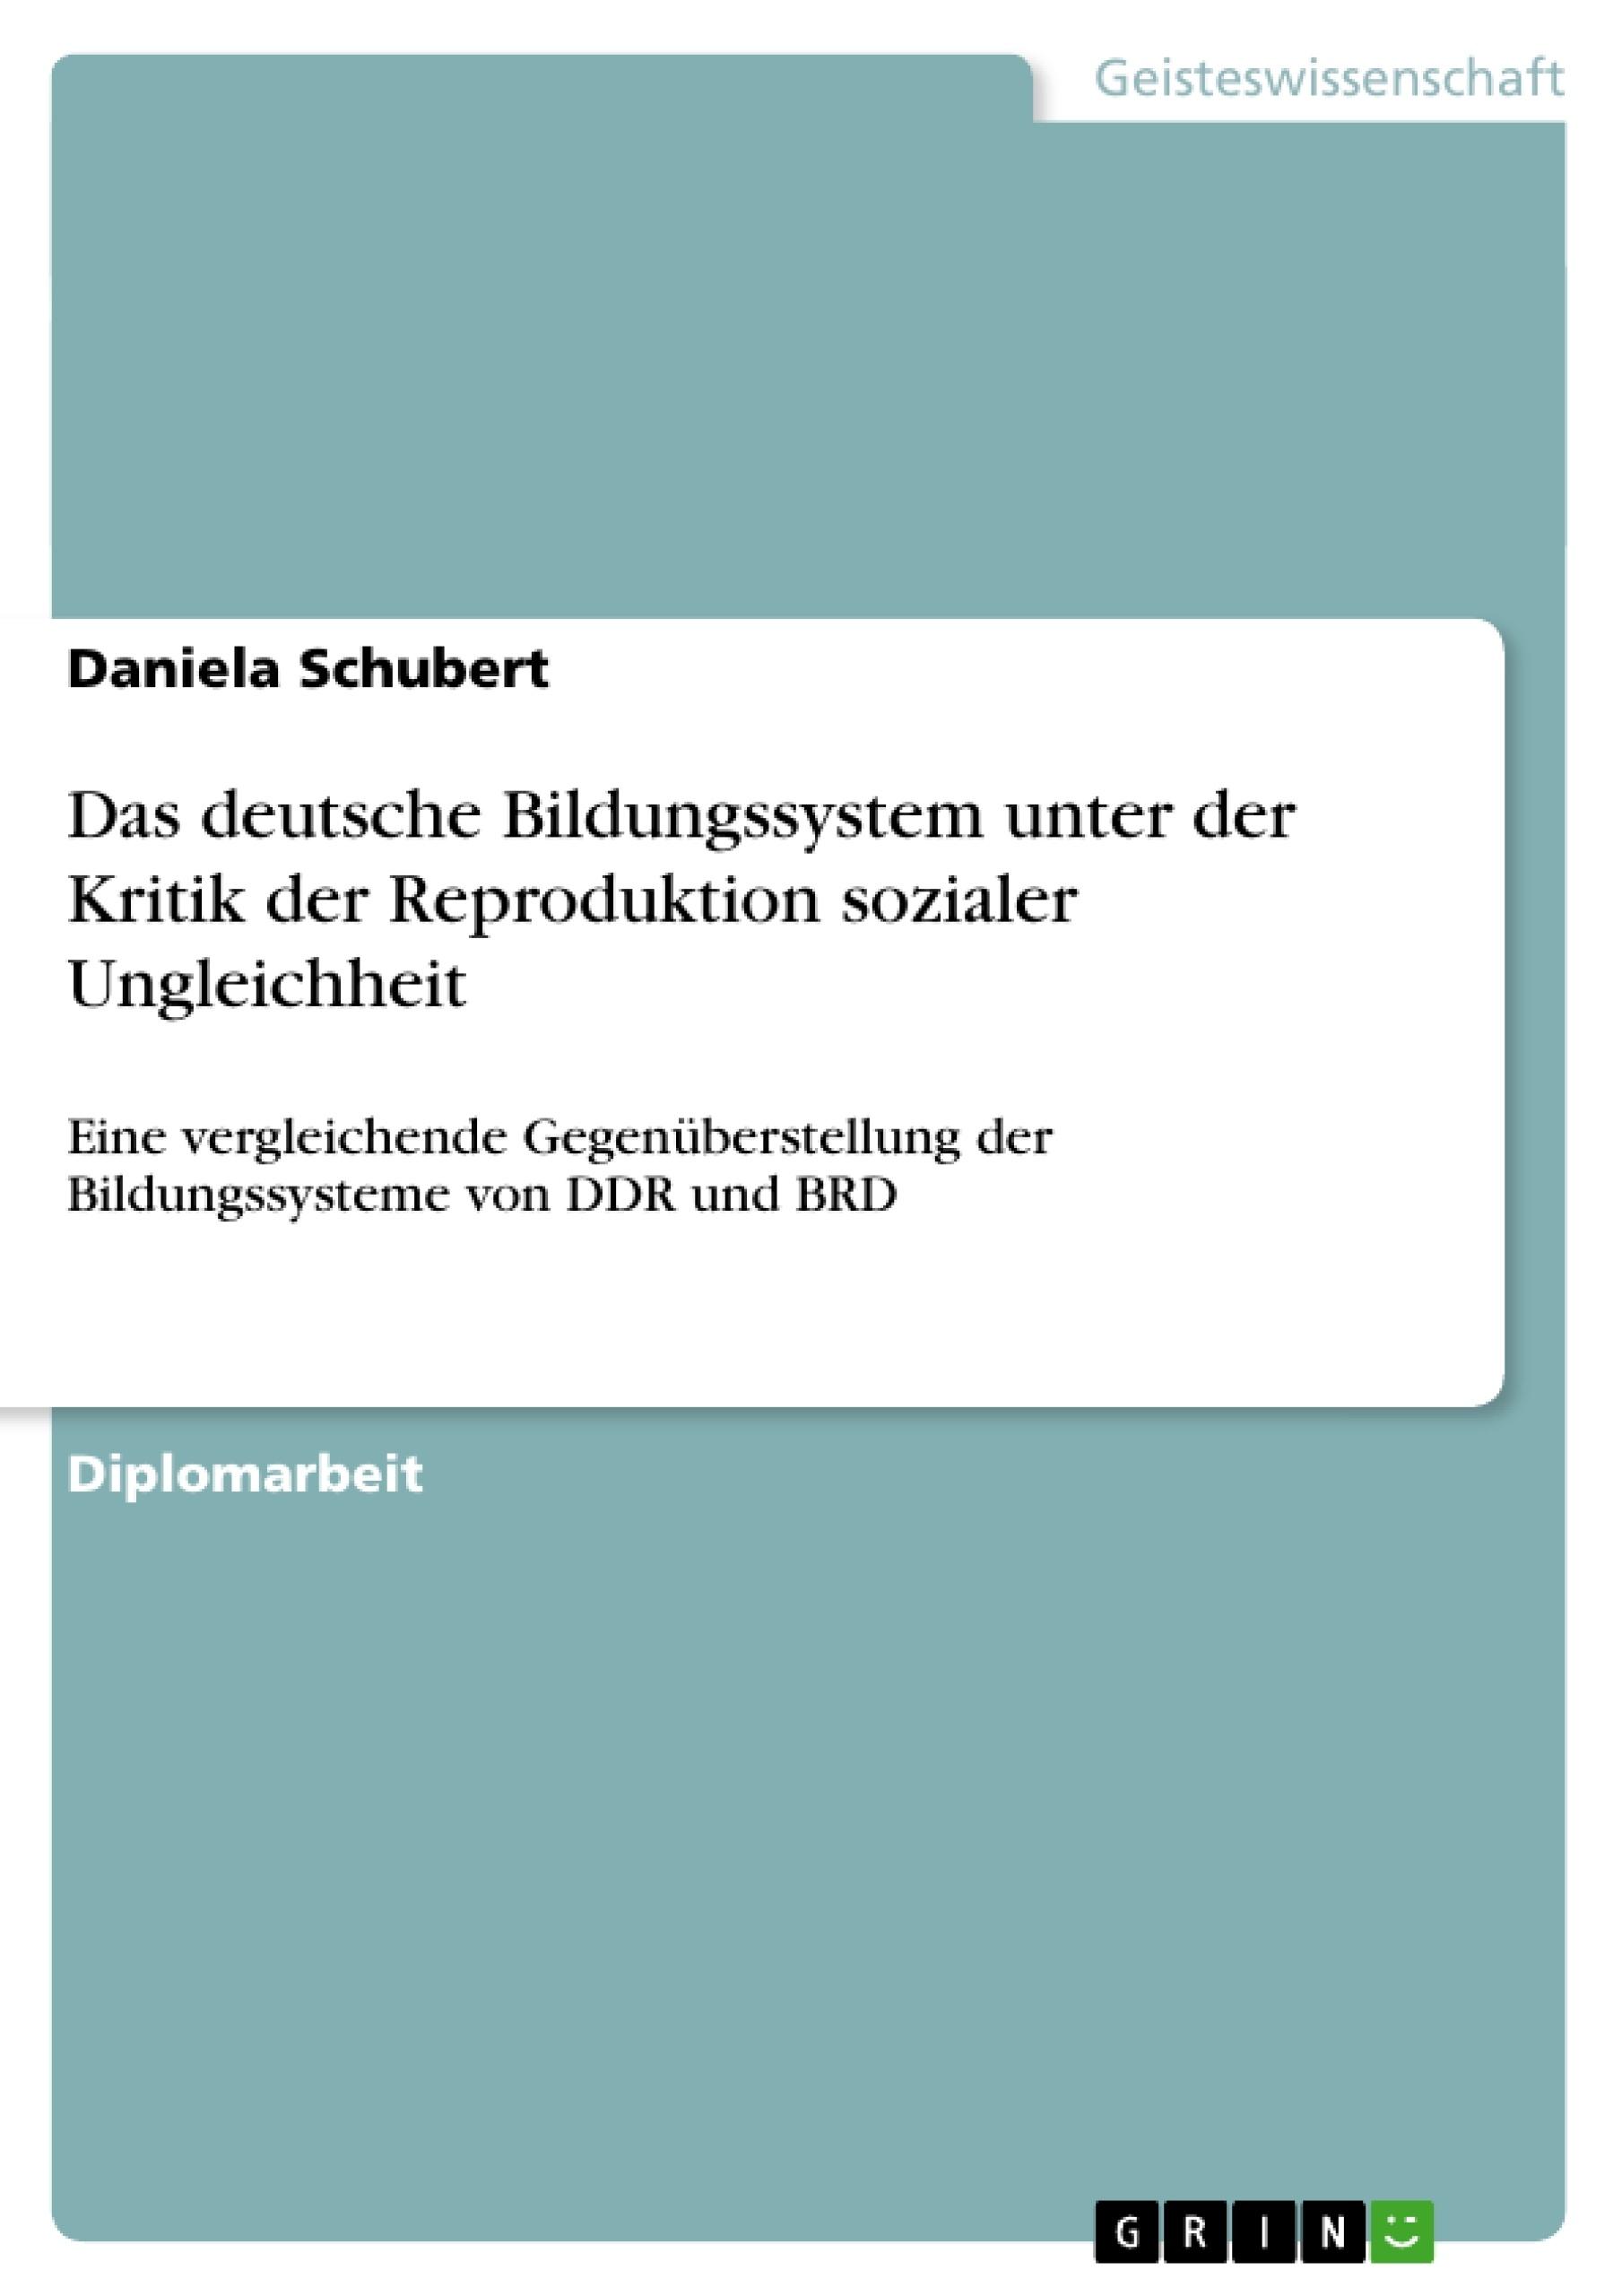 Titel: Das deutsche Bildungssystem unter der Kritik der Reproduktion sozialer Ungleichheit